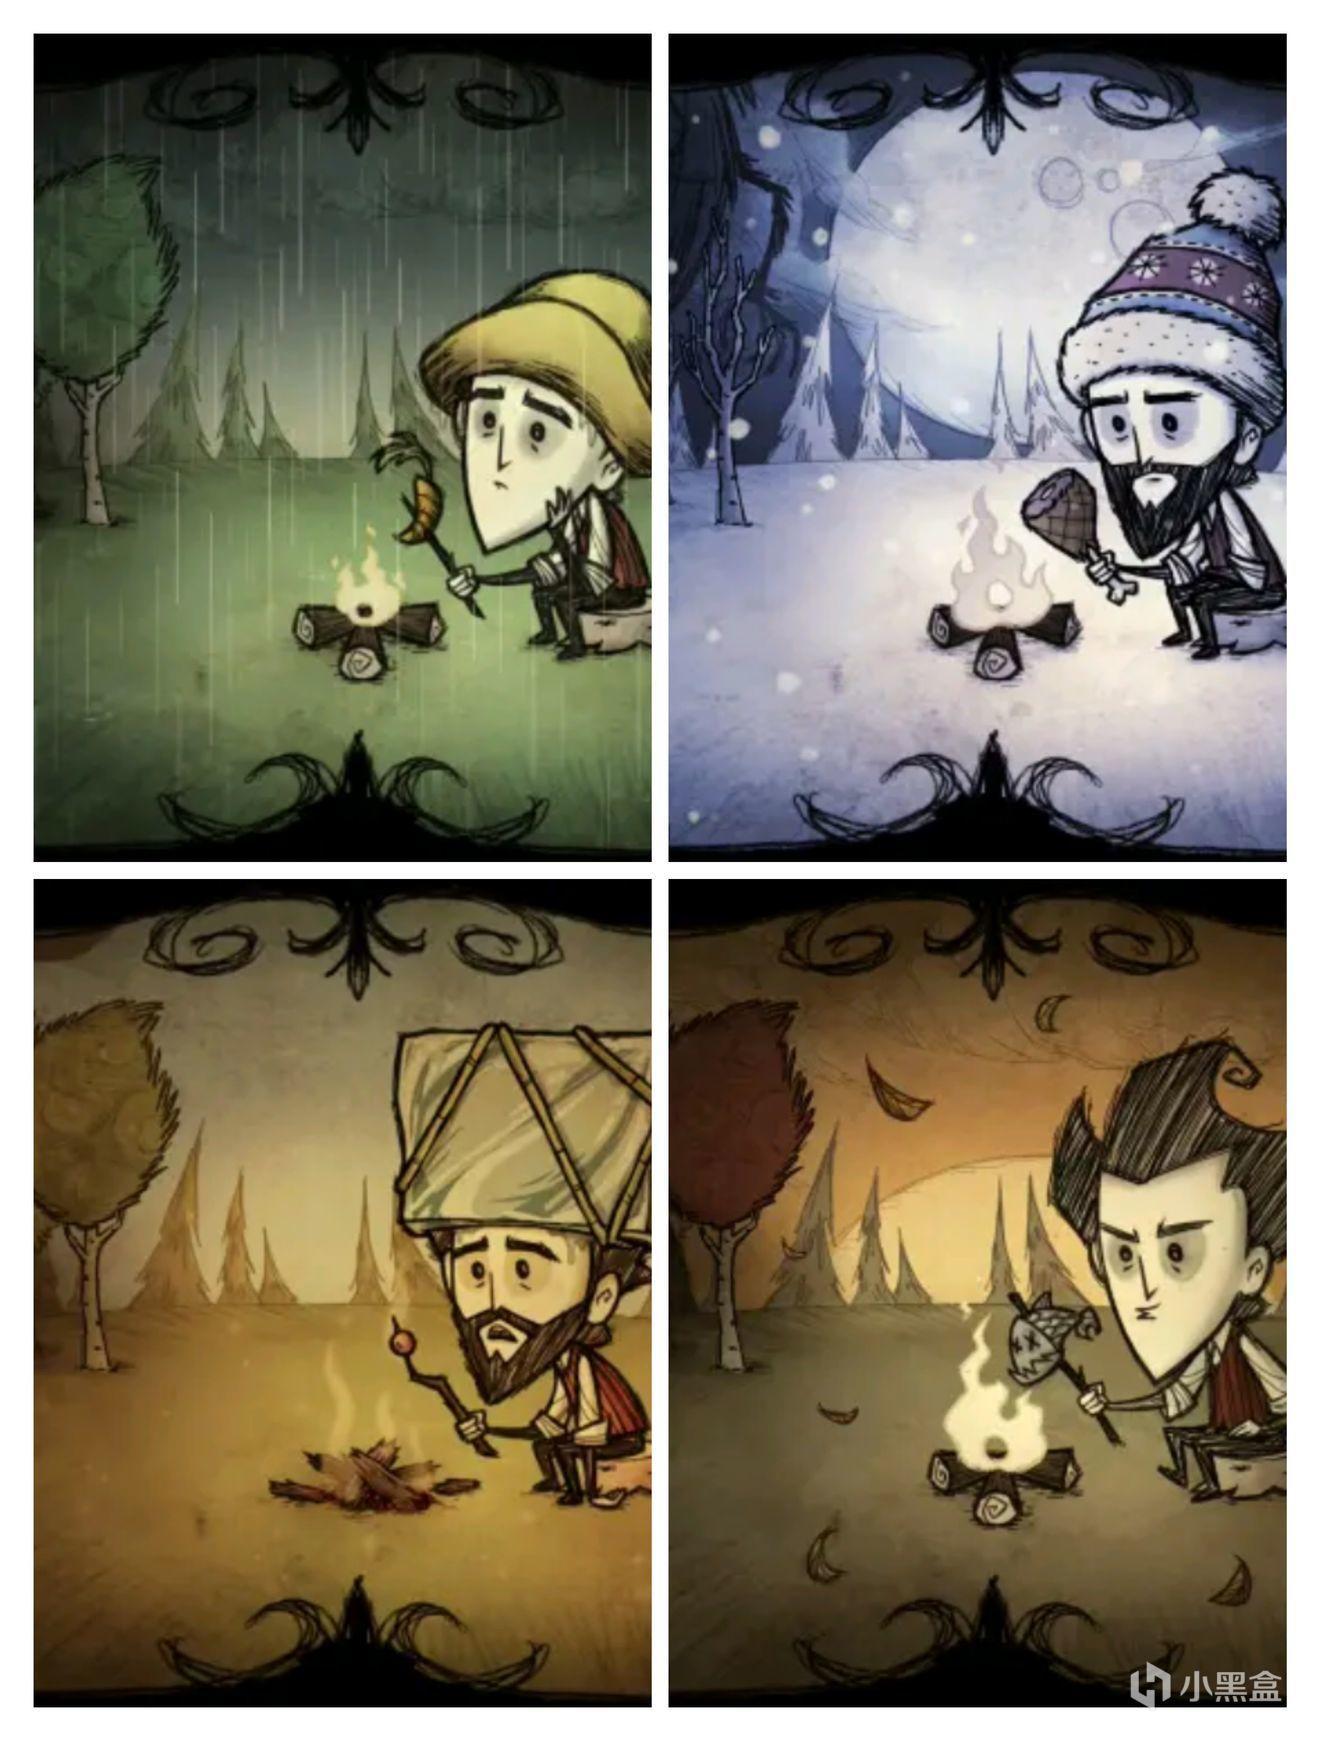 《饥荒》:高举火把,照亮长夜,篝火围营,对抗自然